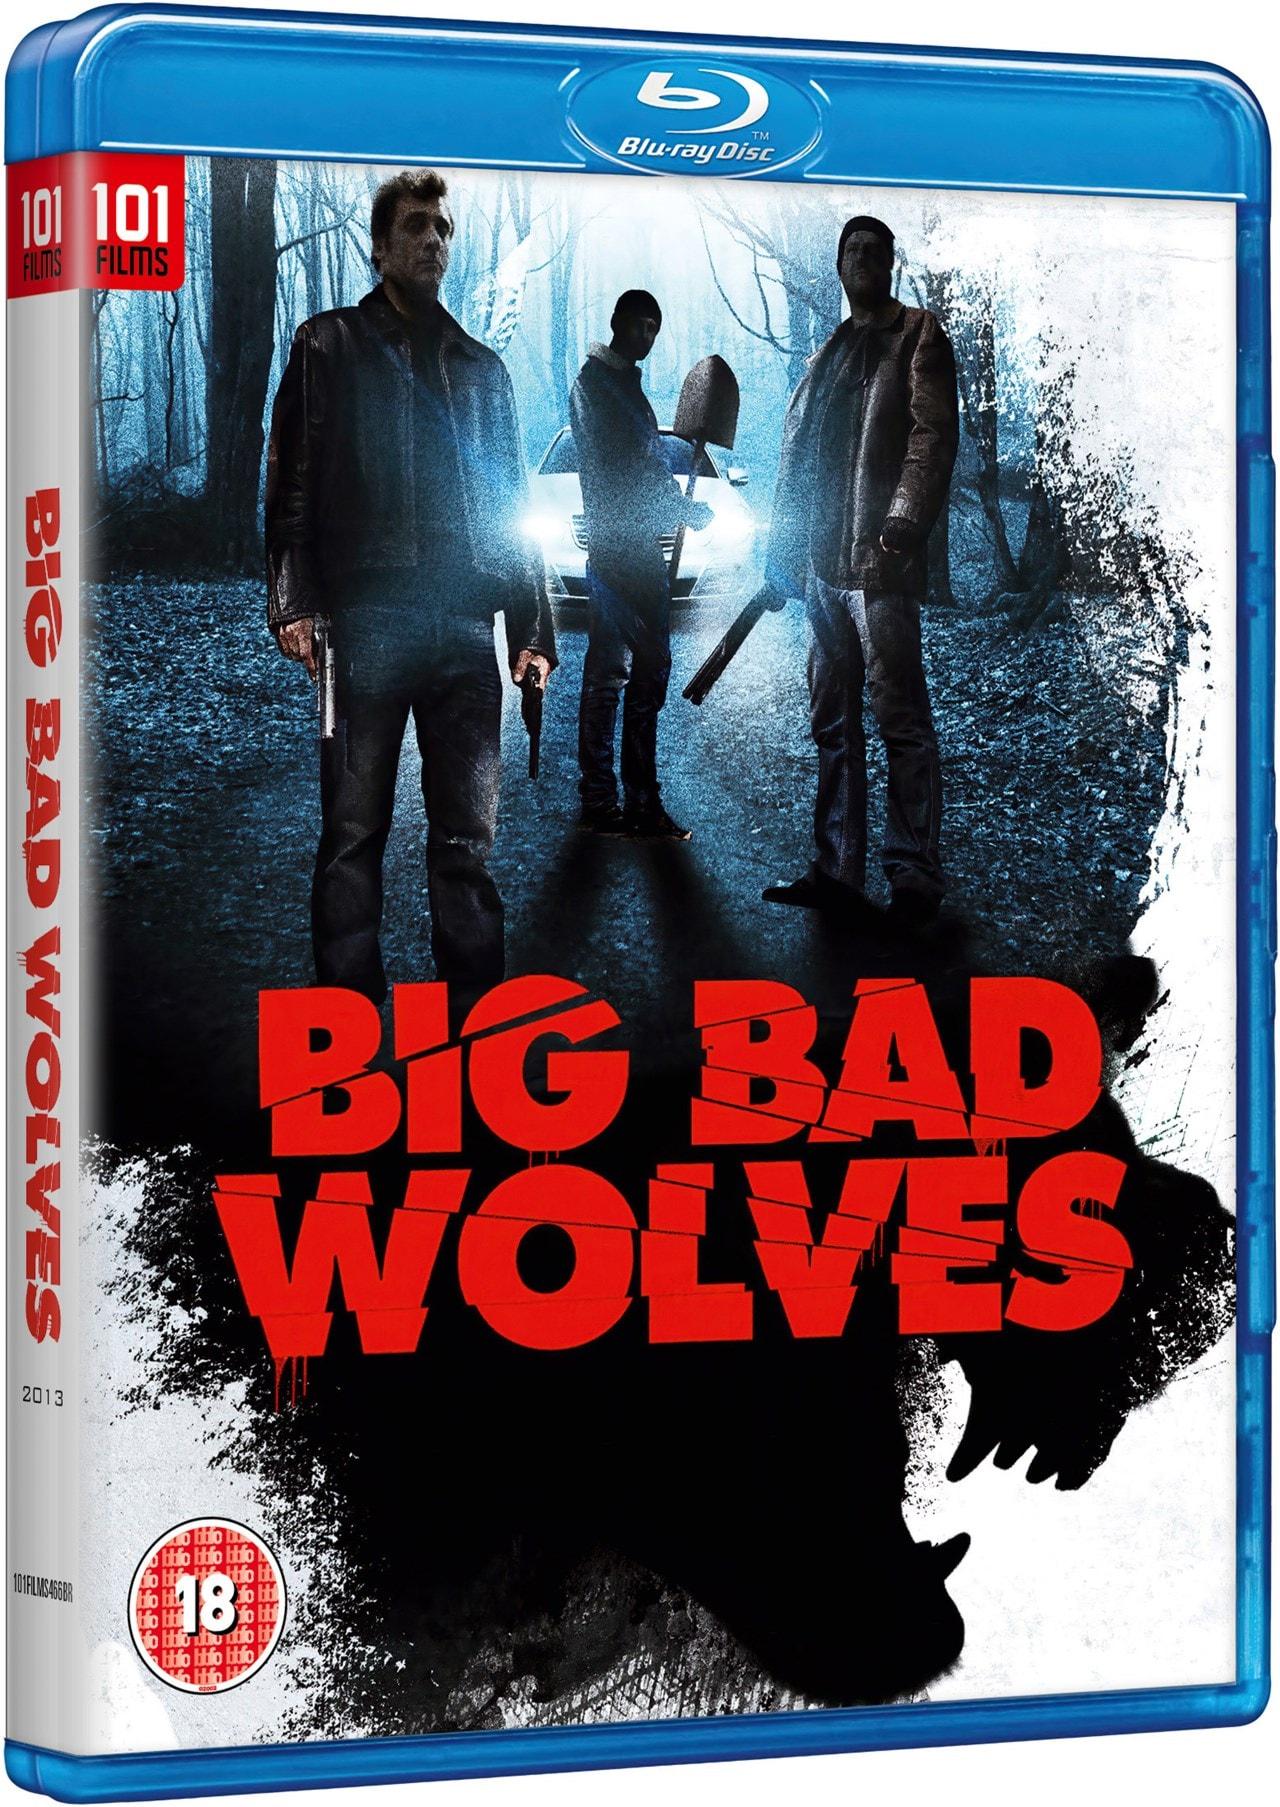 Big Bad Wolves - 2